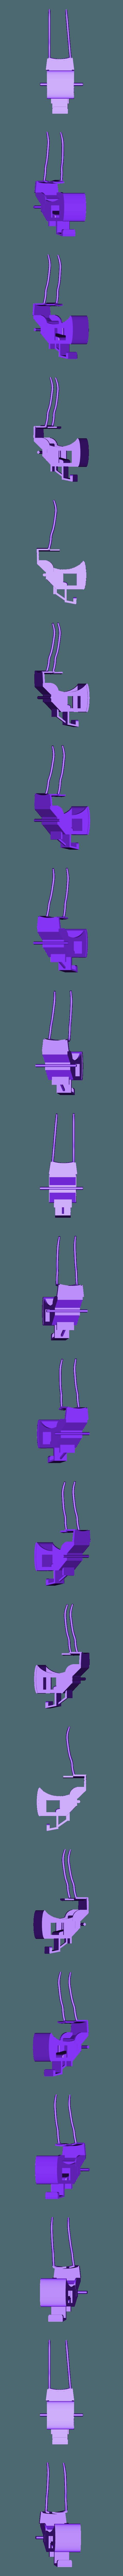 hans_body1_1.stl Télécharger fichier STL gratuit Ripper's London - Le taxi Hansom • Modèle pour impression 3D, Earsling